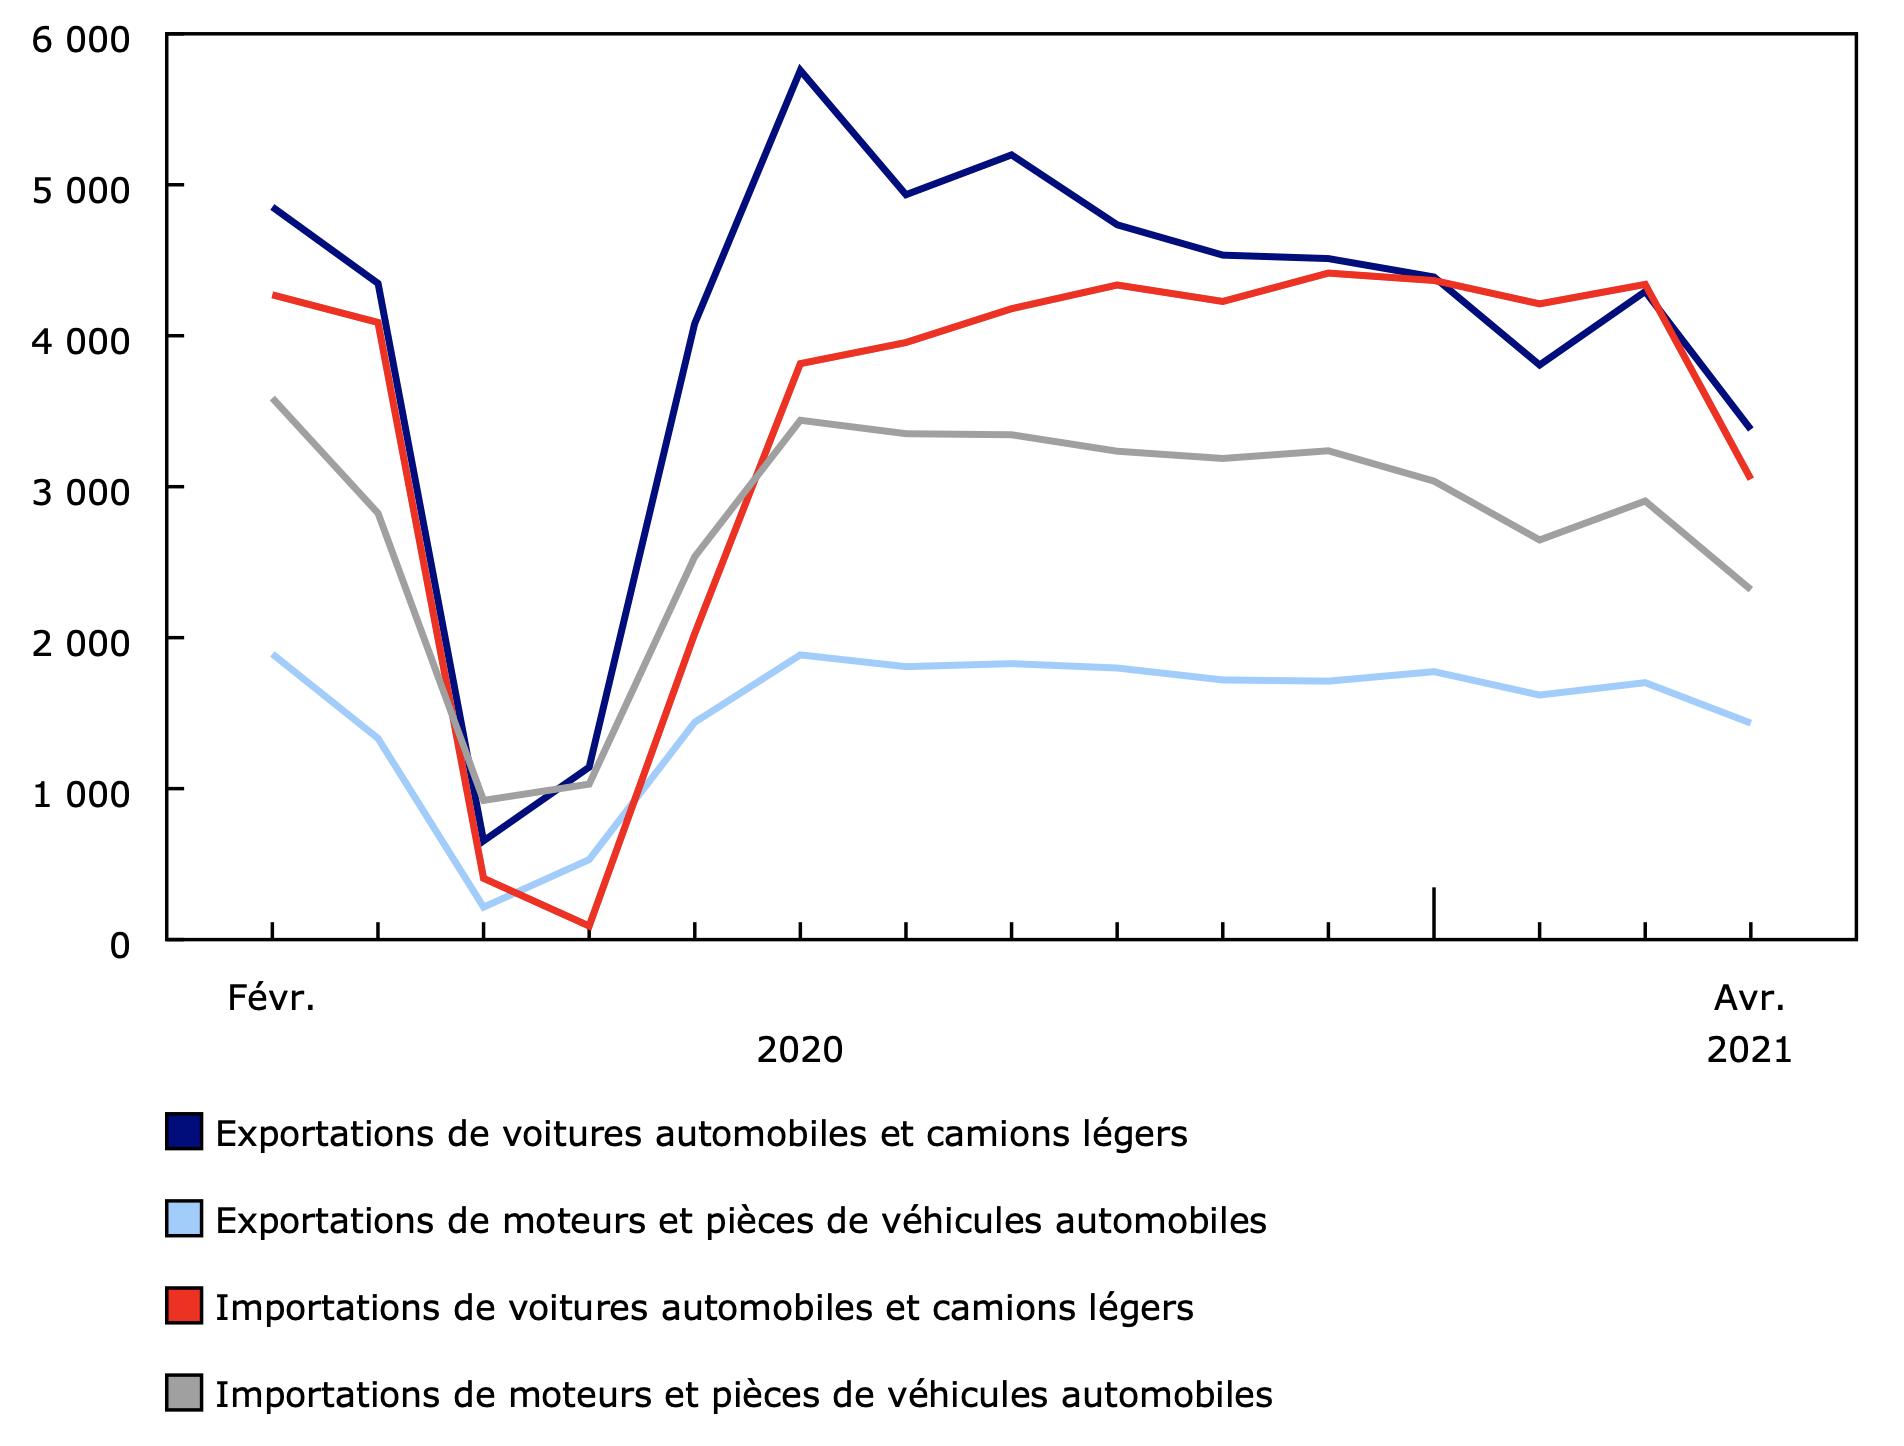 Exportations et importations de voitures automobiles et camions légers et moteurs et pièces devéhicules automobiles (en millions) SOURCE Statistics Canada (Table 12-10-0121-01)